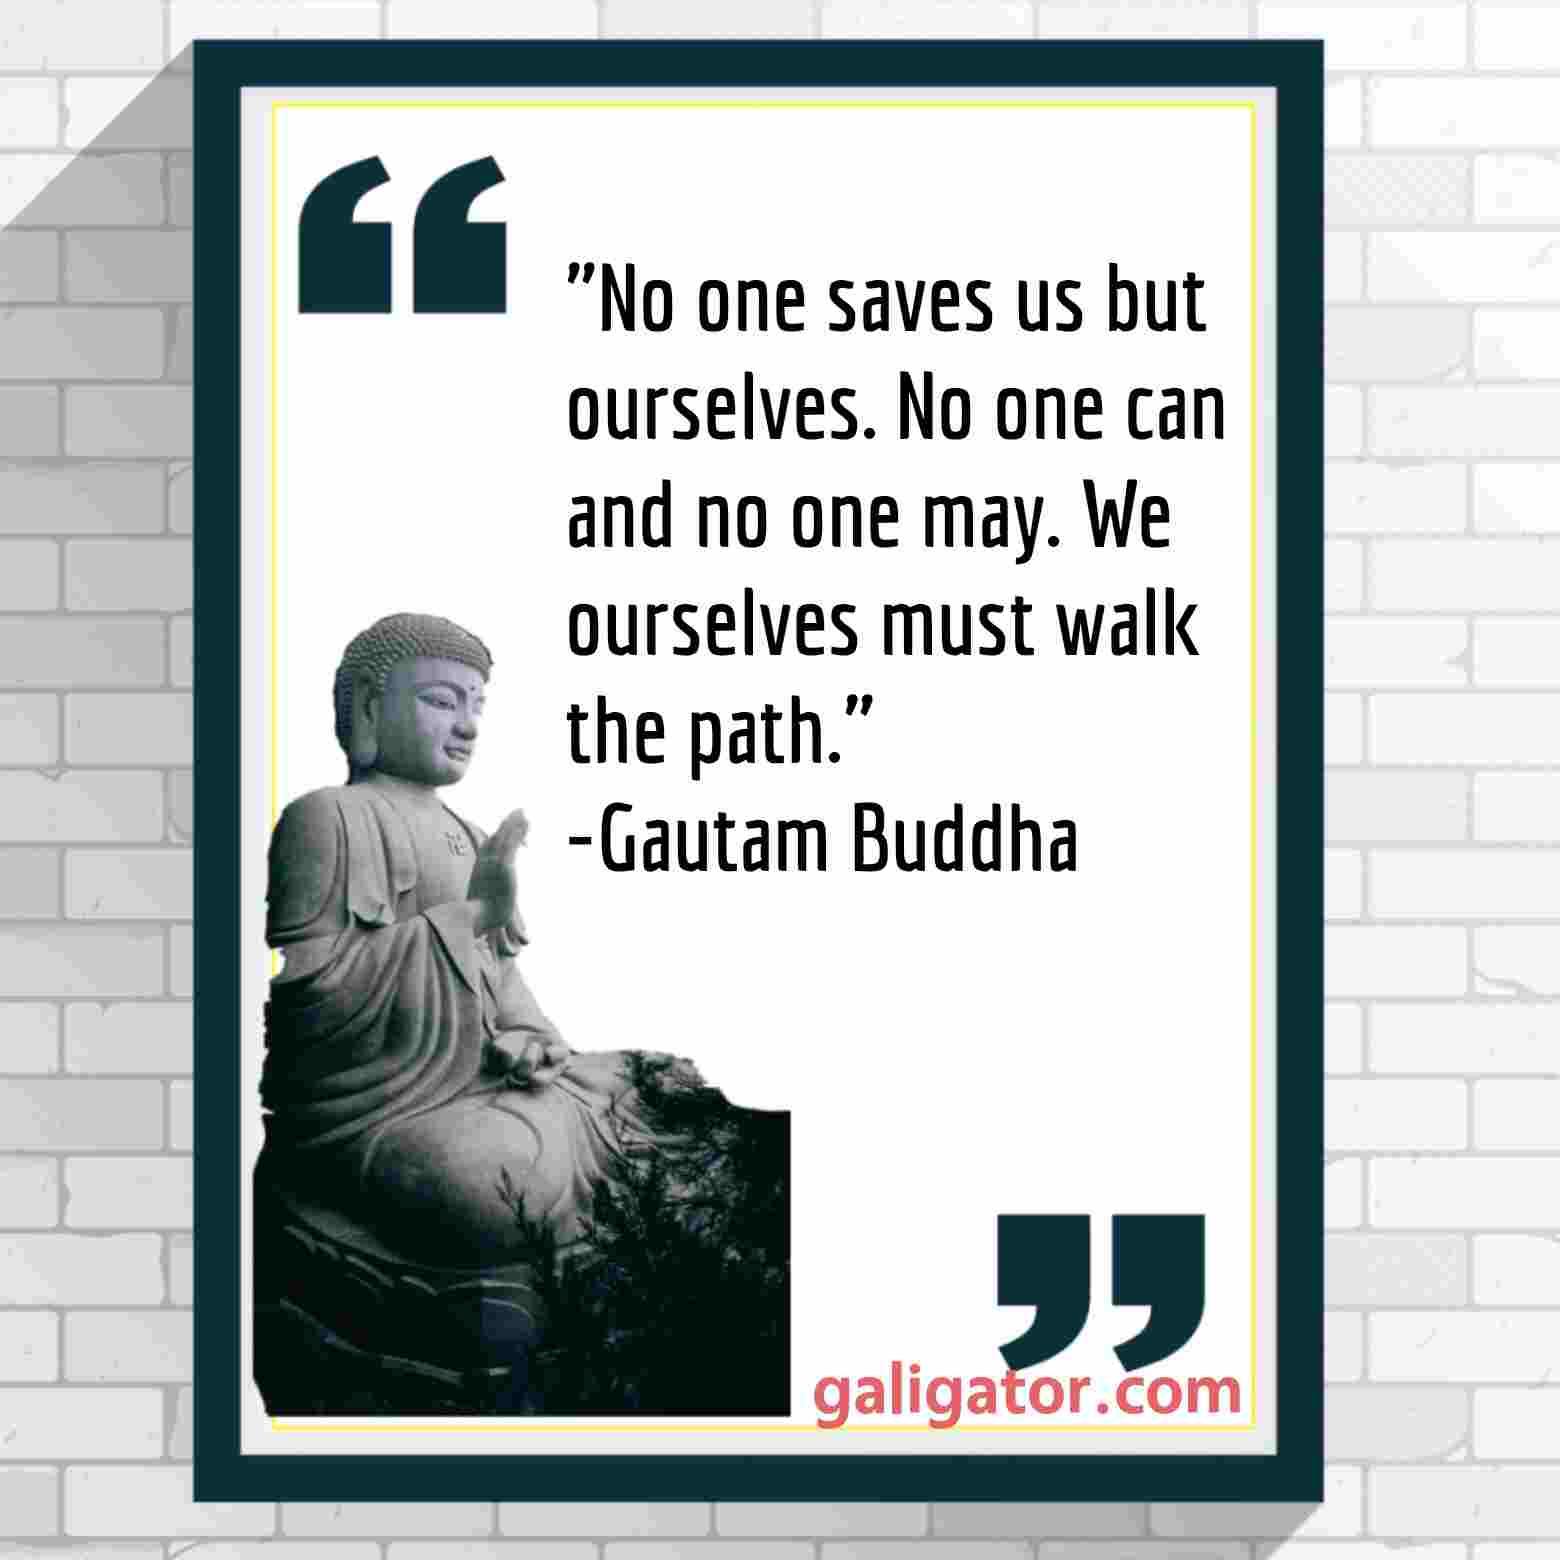 gautam buddha thoughts  gautama buddha quotes  buddha thoughts  meaningful buddha quotes buddhism quotes inspirational gautam buddha quotes  gautam buddha quotes gautam buddha good morning quotes  gautam buddha quotes images  gautam buddha motivational quotes  gautam buddha quotes on life  gautam buddha quotes in english